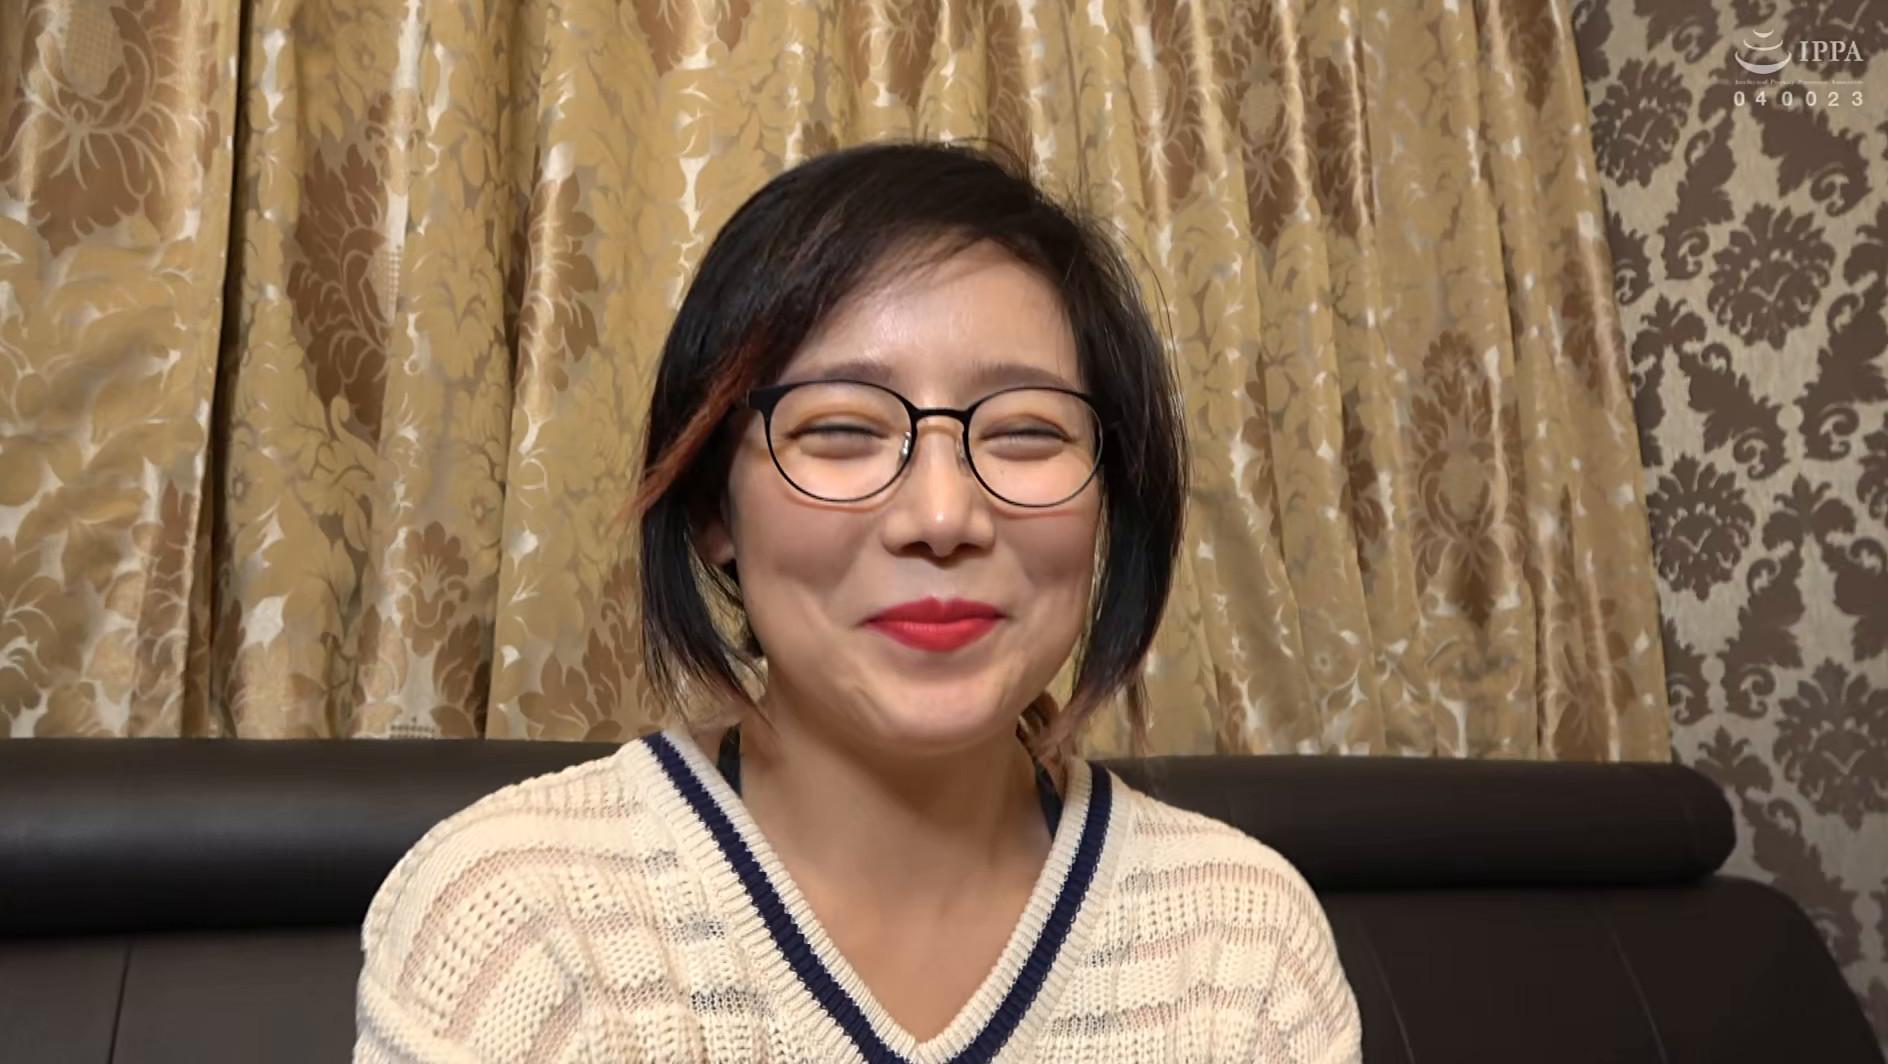 韓国で見つけた見た目から従順そうな彼女は、どこまでヤラれても無垢な希少種!服を脱がされても信じて疑わない!電マでトロンとさせればチ〇ポもしゃぶる! 画像2